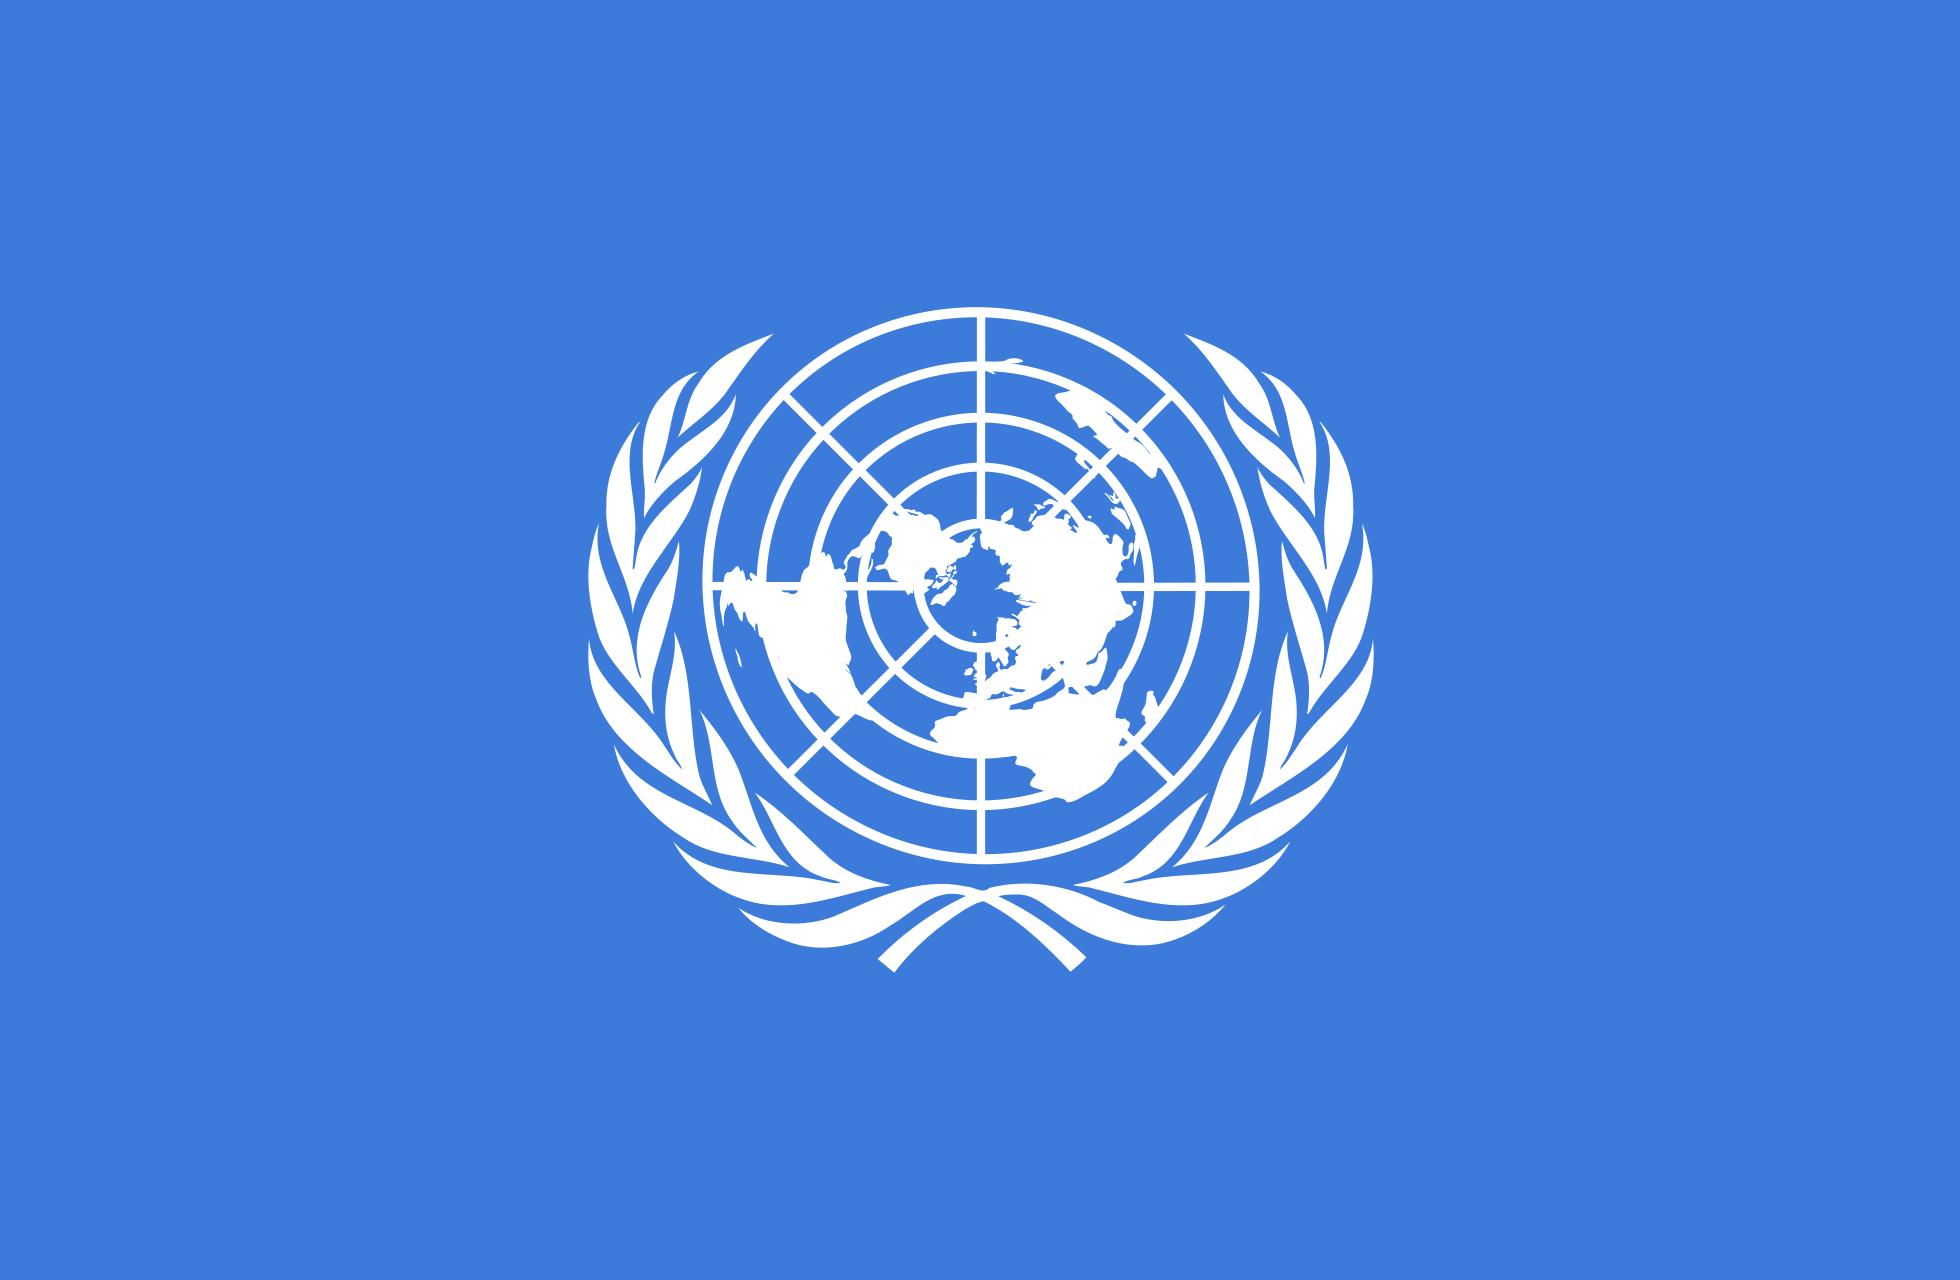 BM Kıbrıs'ta gayrı resmi 2016'da çözüm takvimini hızlandıracak